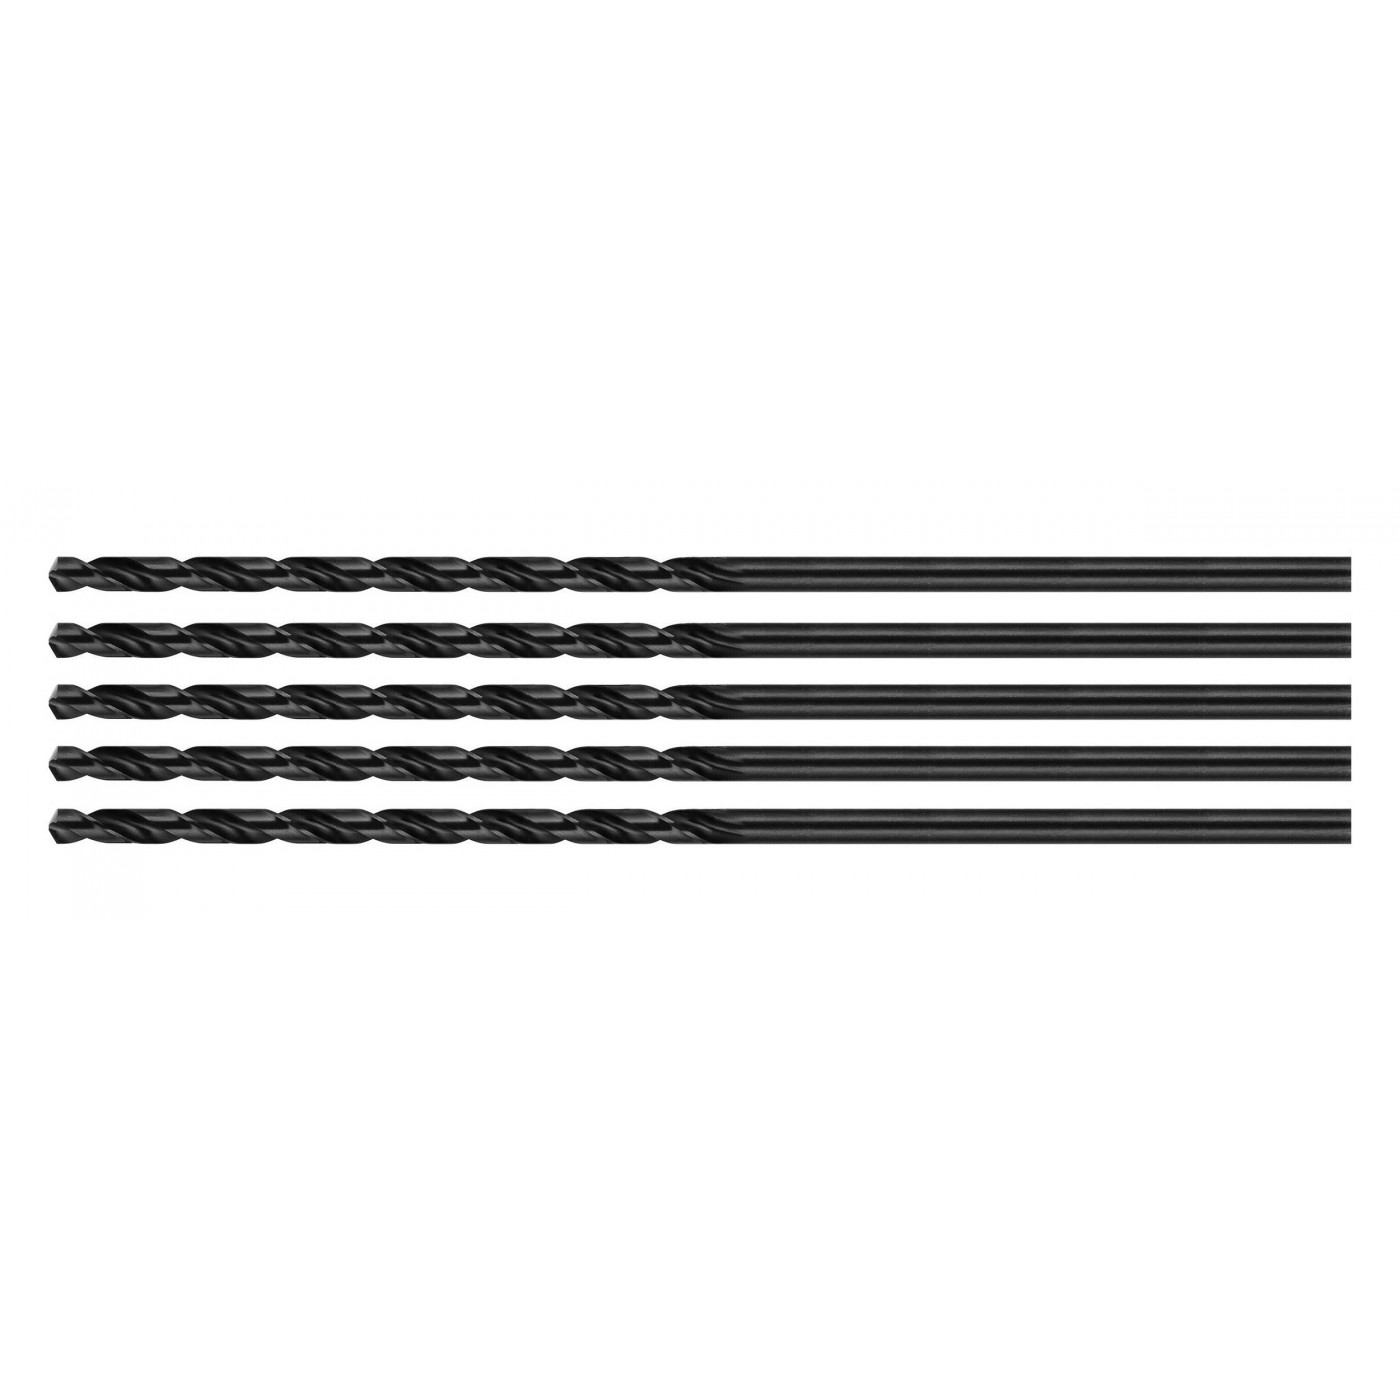 Set of 5 metal drill bits (HSS, 4.0x160 mm)